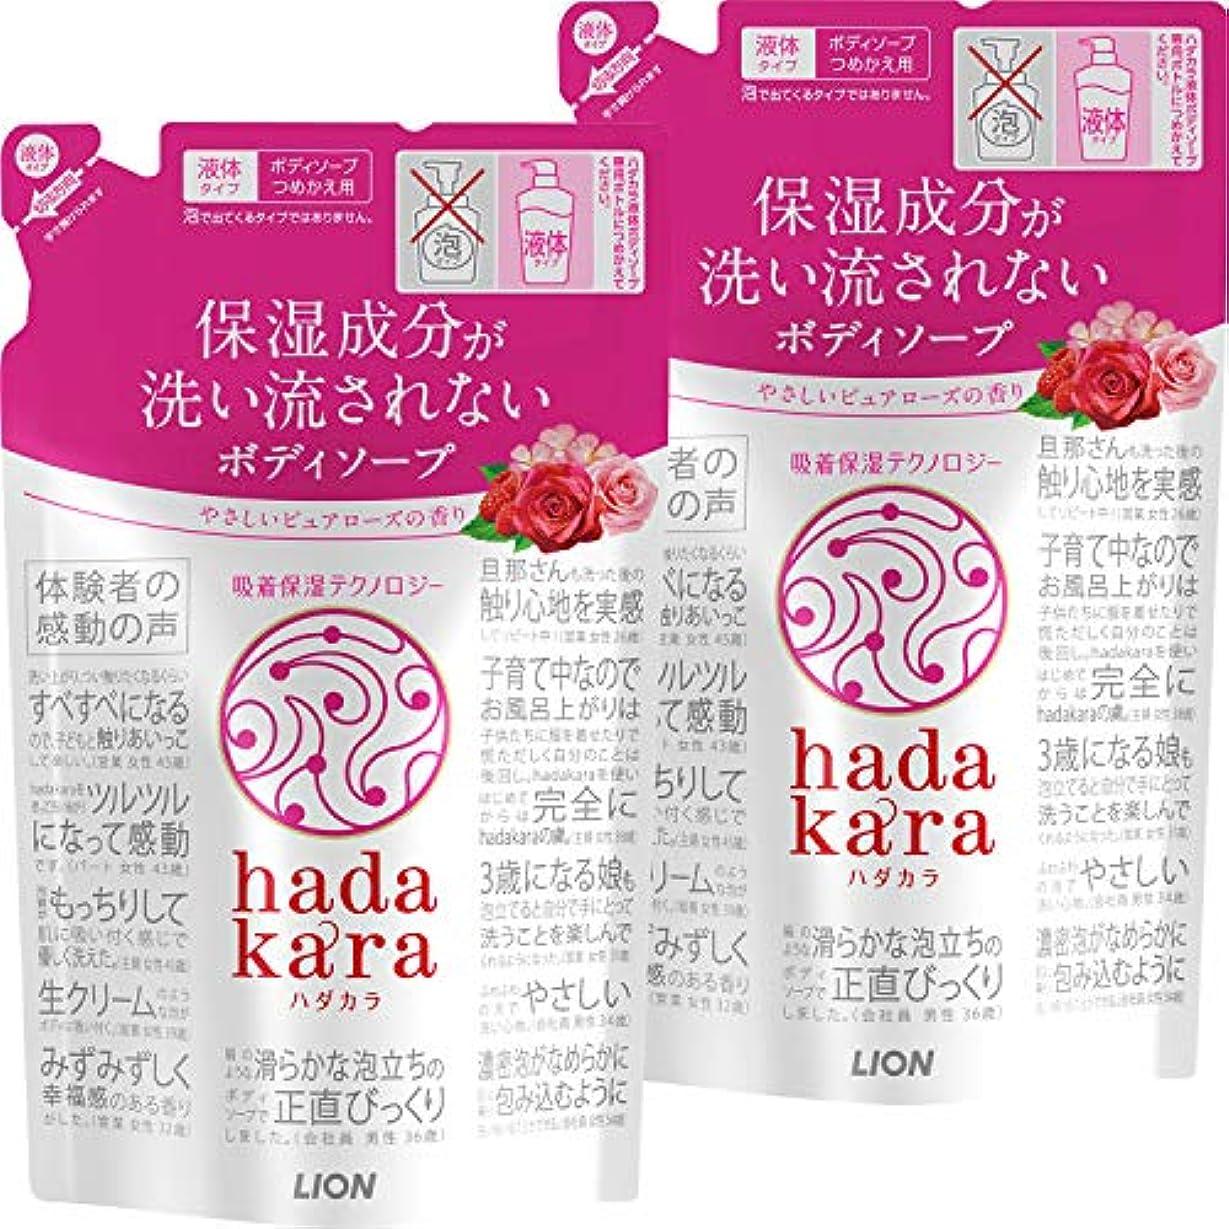 脱走乱れカリング【まとめ買い】hadakara(ハダカラ) ボディソープ ピュアローズの香り 詰め替え 360ml×2個パック